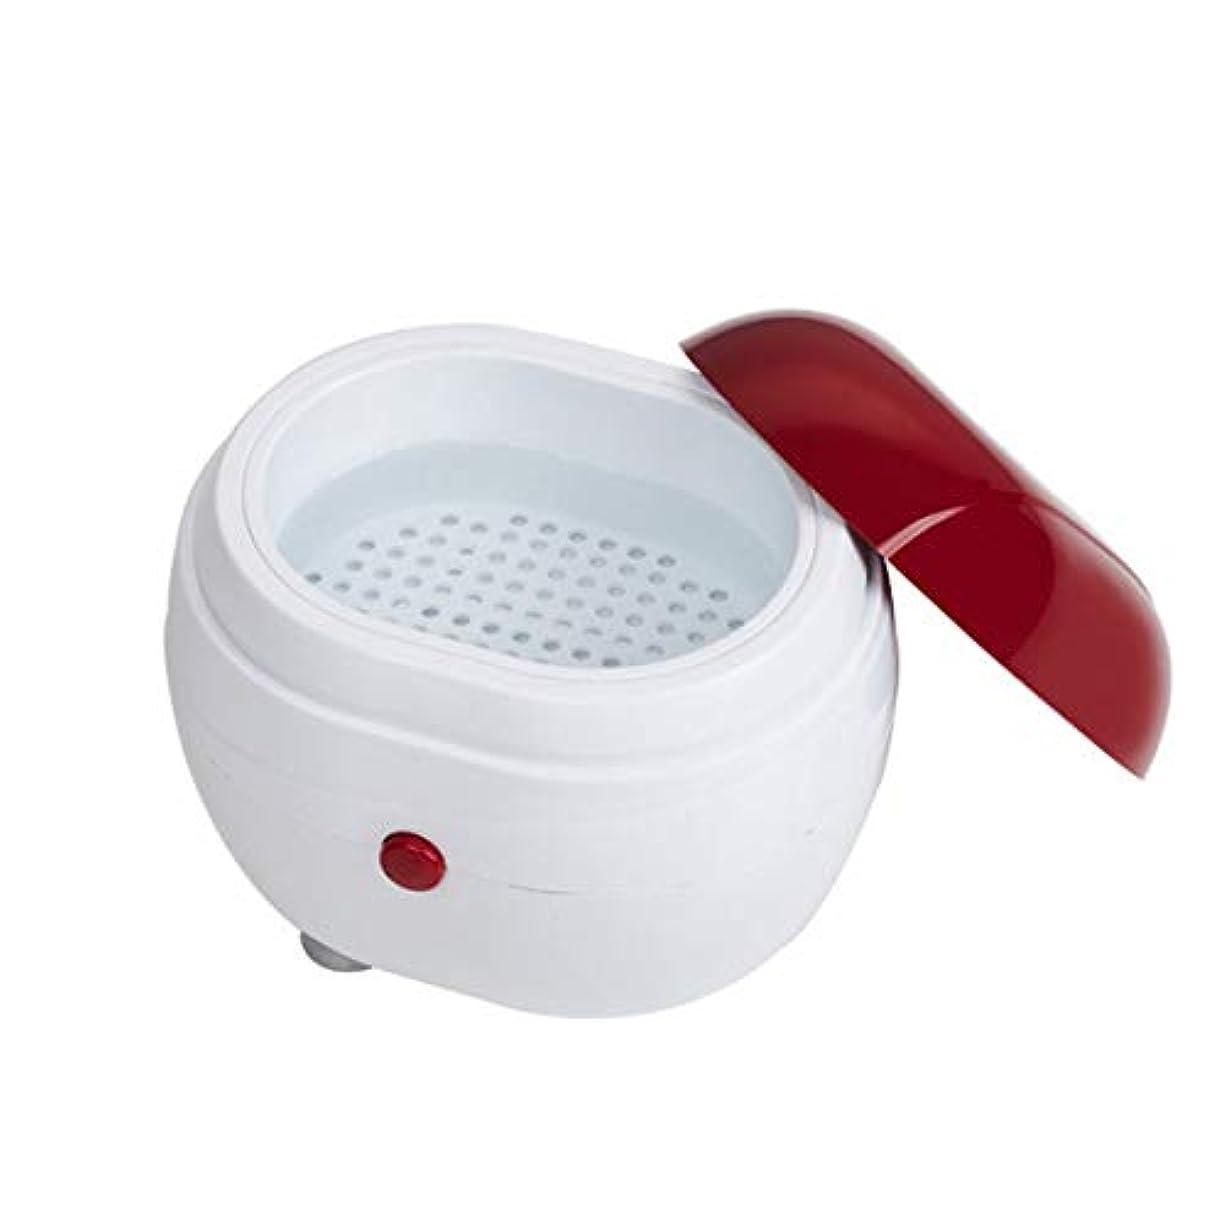 確かに司教うっかりポータブル超音波洗濯機家庭用ジュエリーレンズ時計入れ歯クリーニング機洗濯機クリーナークリーニングボックス - 赤&白